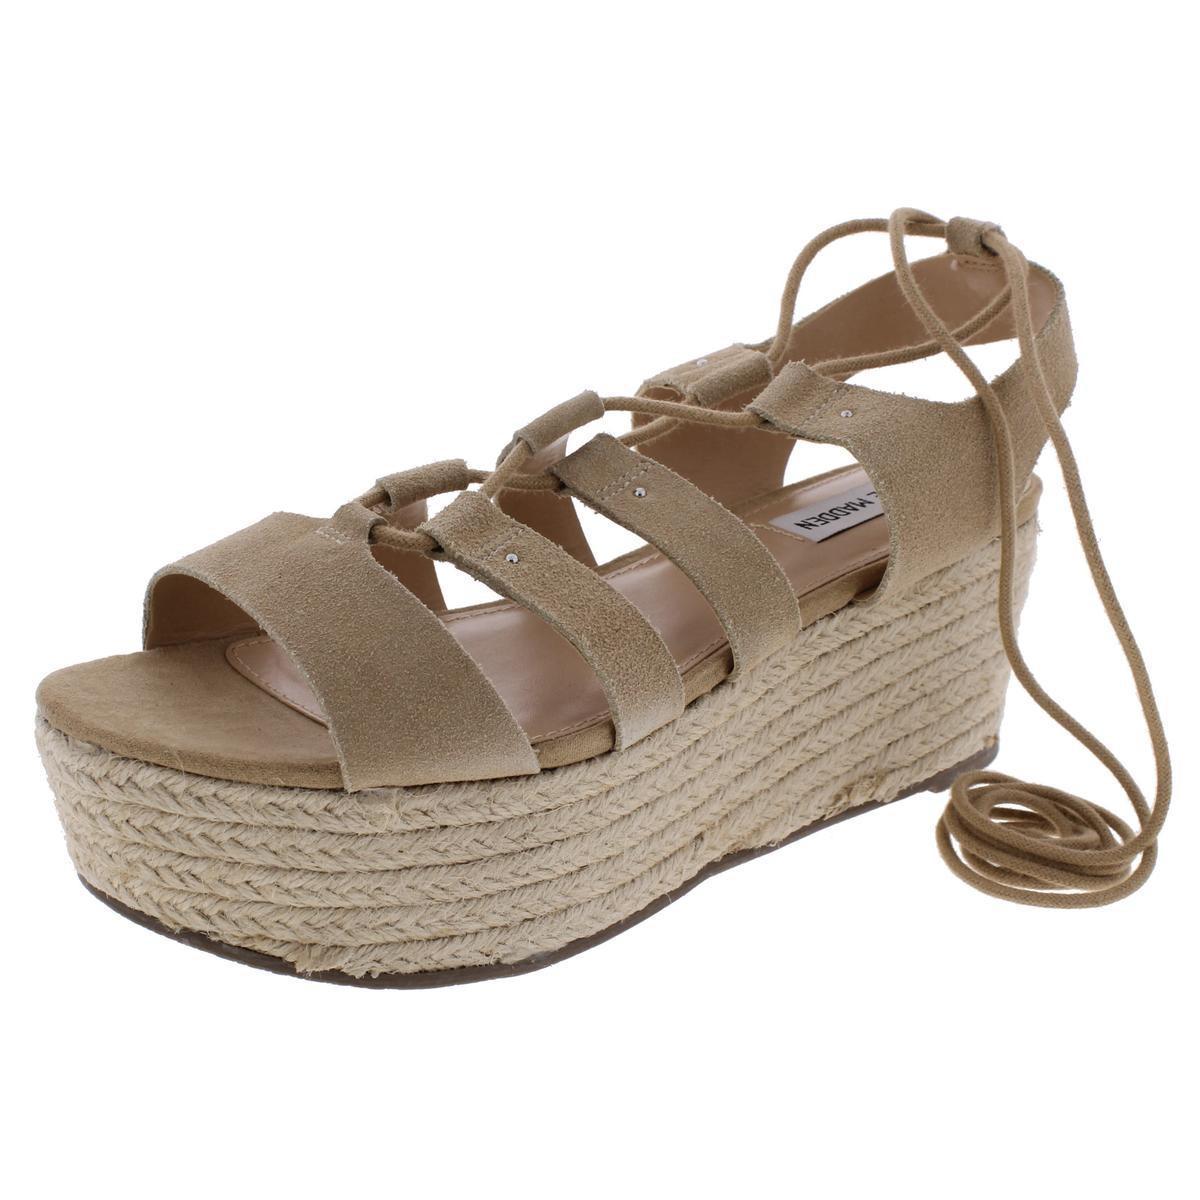 99989af7592 Lyst Steve Madden Brayla Suede Ghillie Platform Sandals